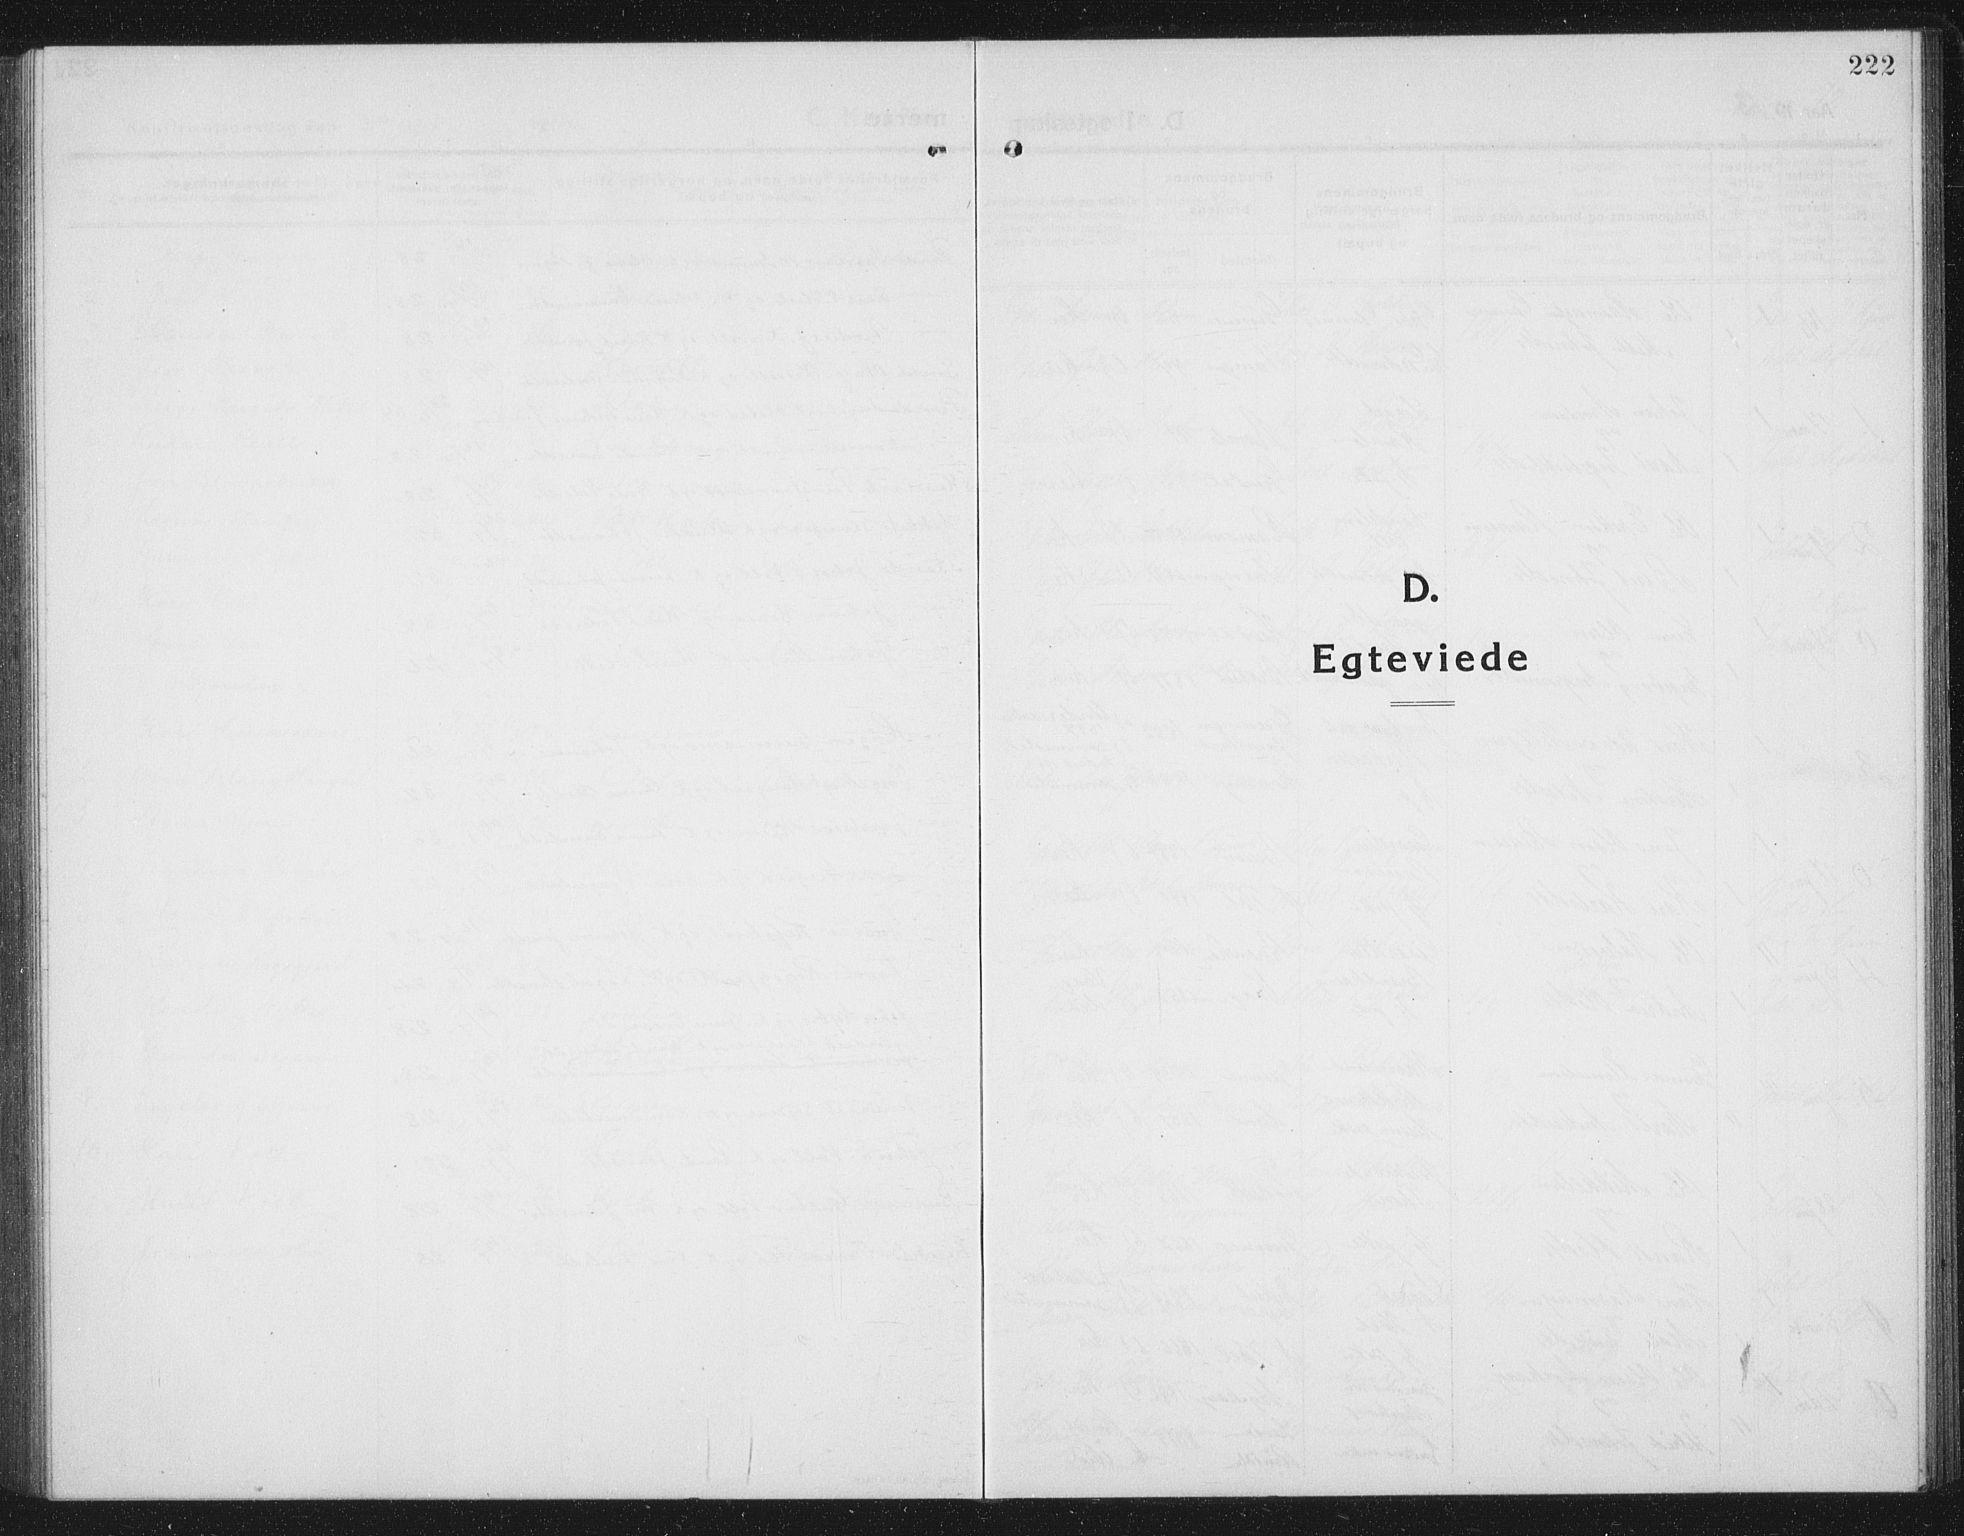 SAT, Ministerialprotokoller, klokkerbøker og fødselsregistre - Sør-Trøndelag, 674/L0877: Klokkerbok nr. 674C04, 1913-1940, s. 222